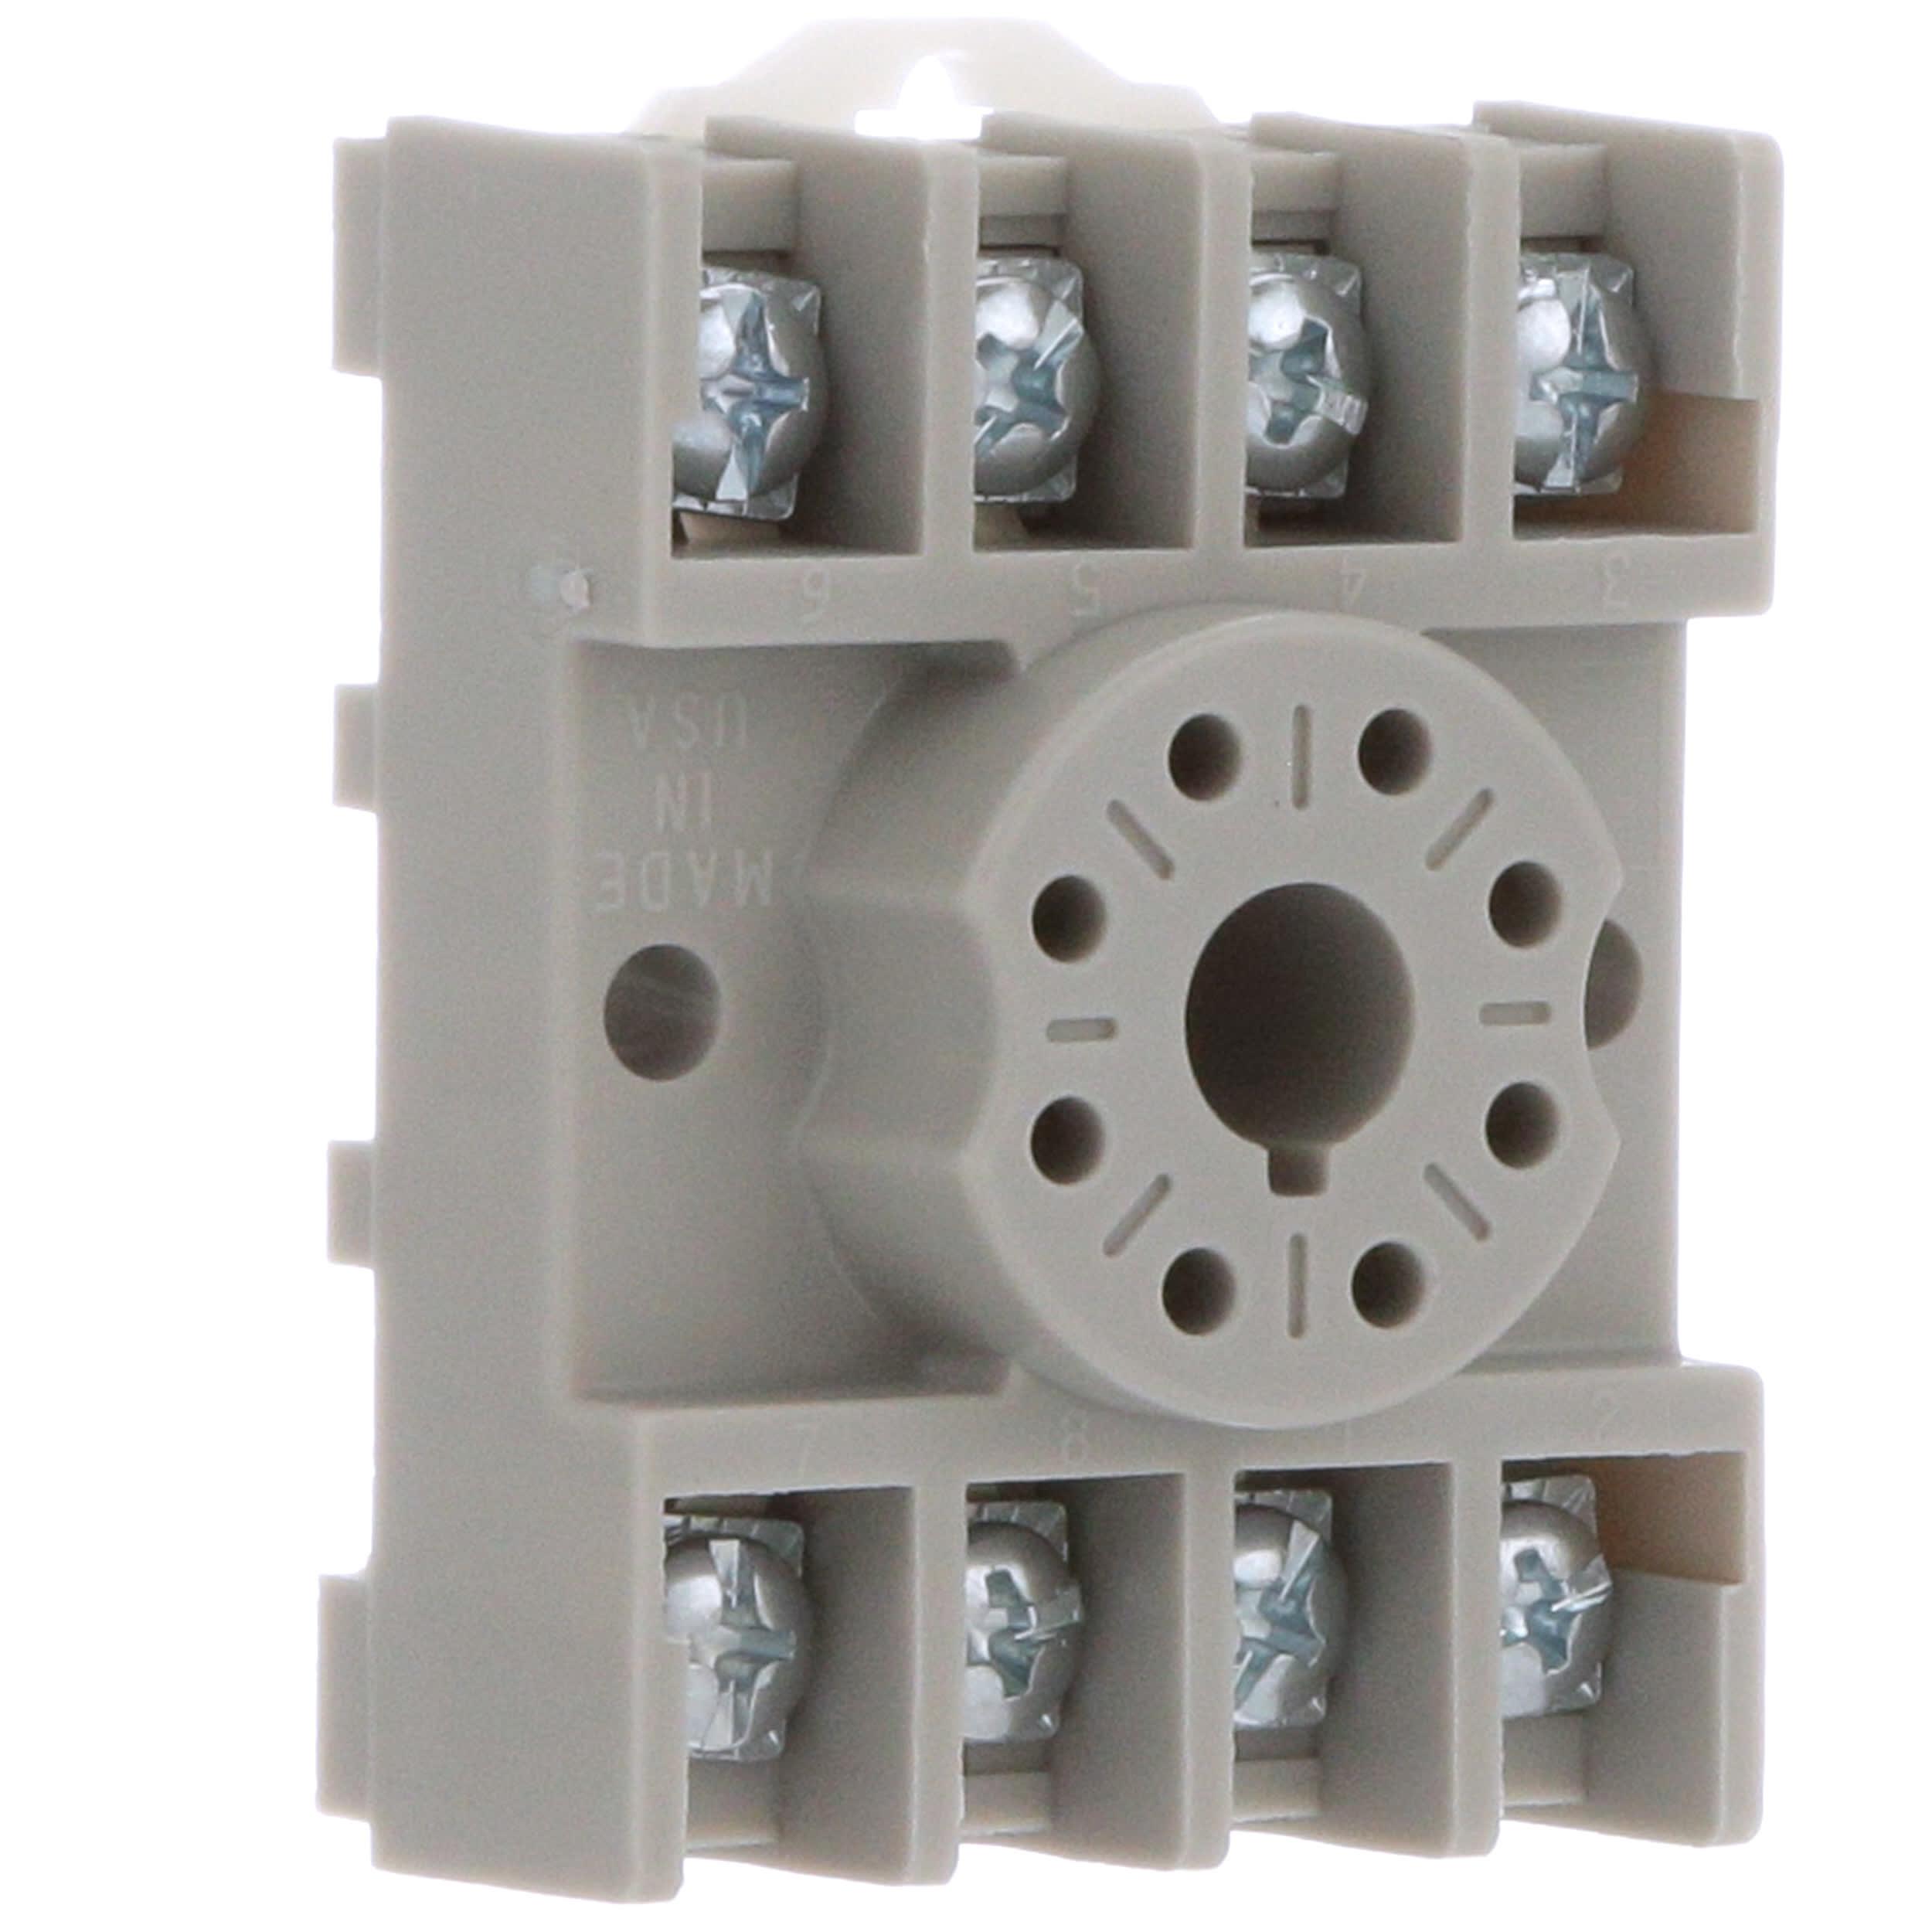 8 Pin Octal Socket Relay Wiring Diagram. . Wiring Diagram Dayton Kd Motor Wiring Schematic on